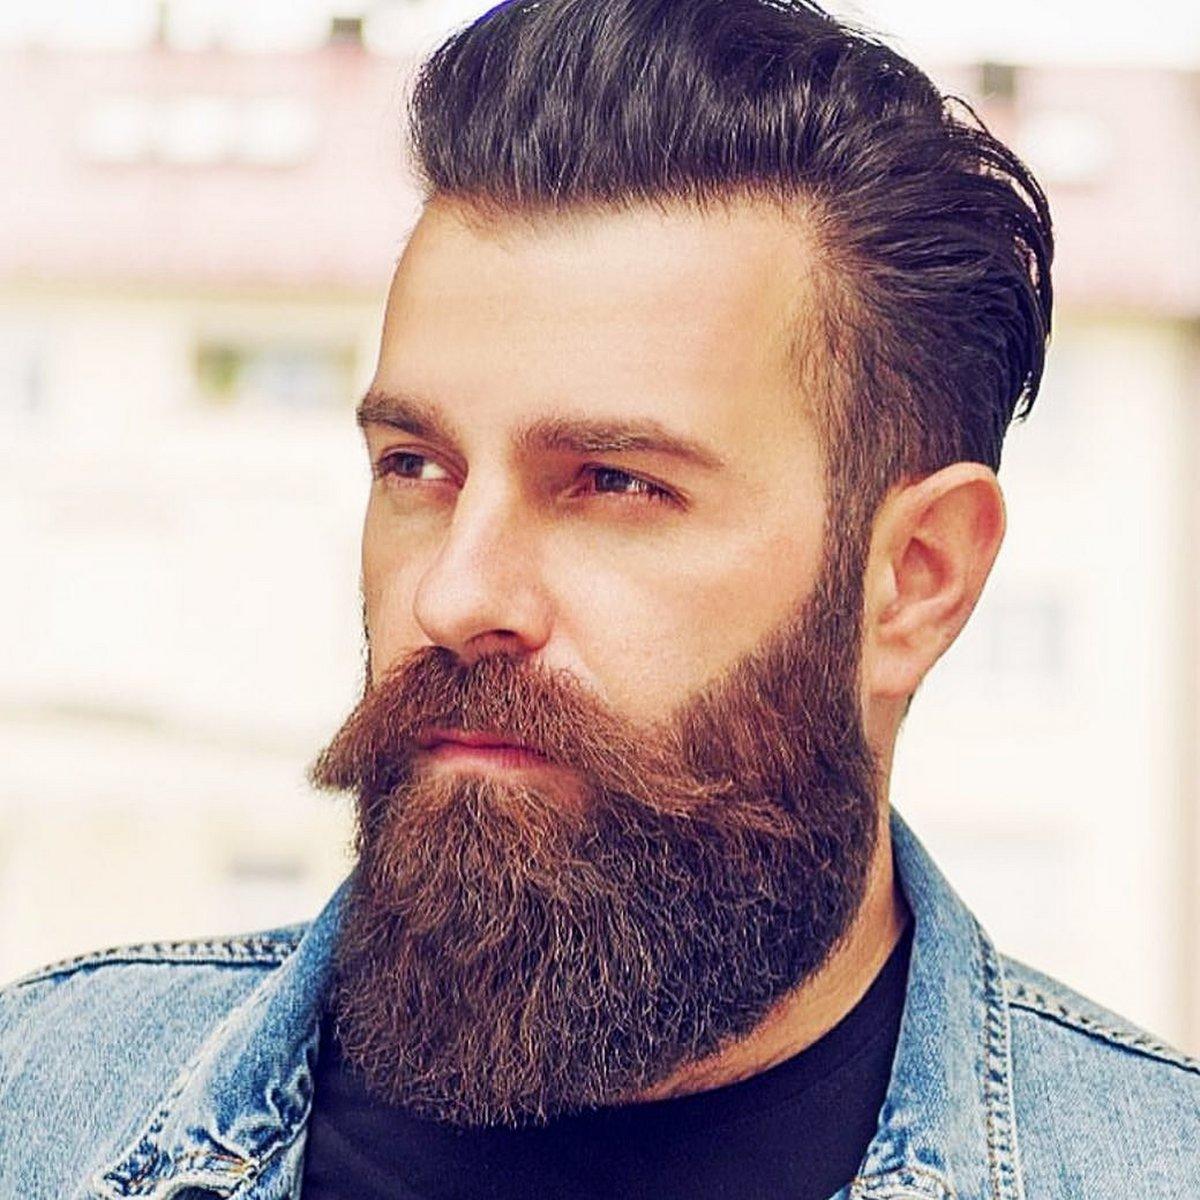 самых востребованных стрижка бород в картинках начальник трахнул